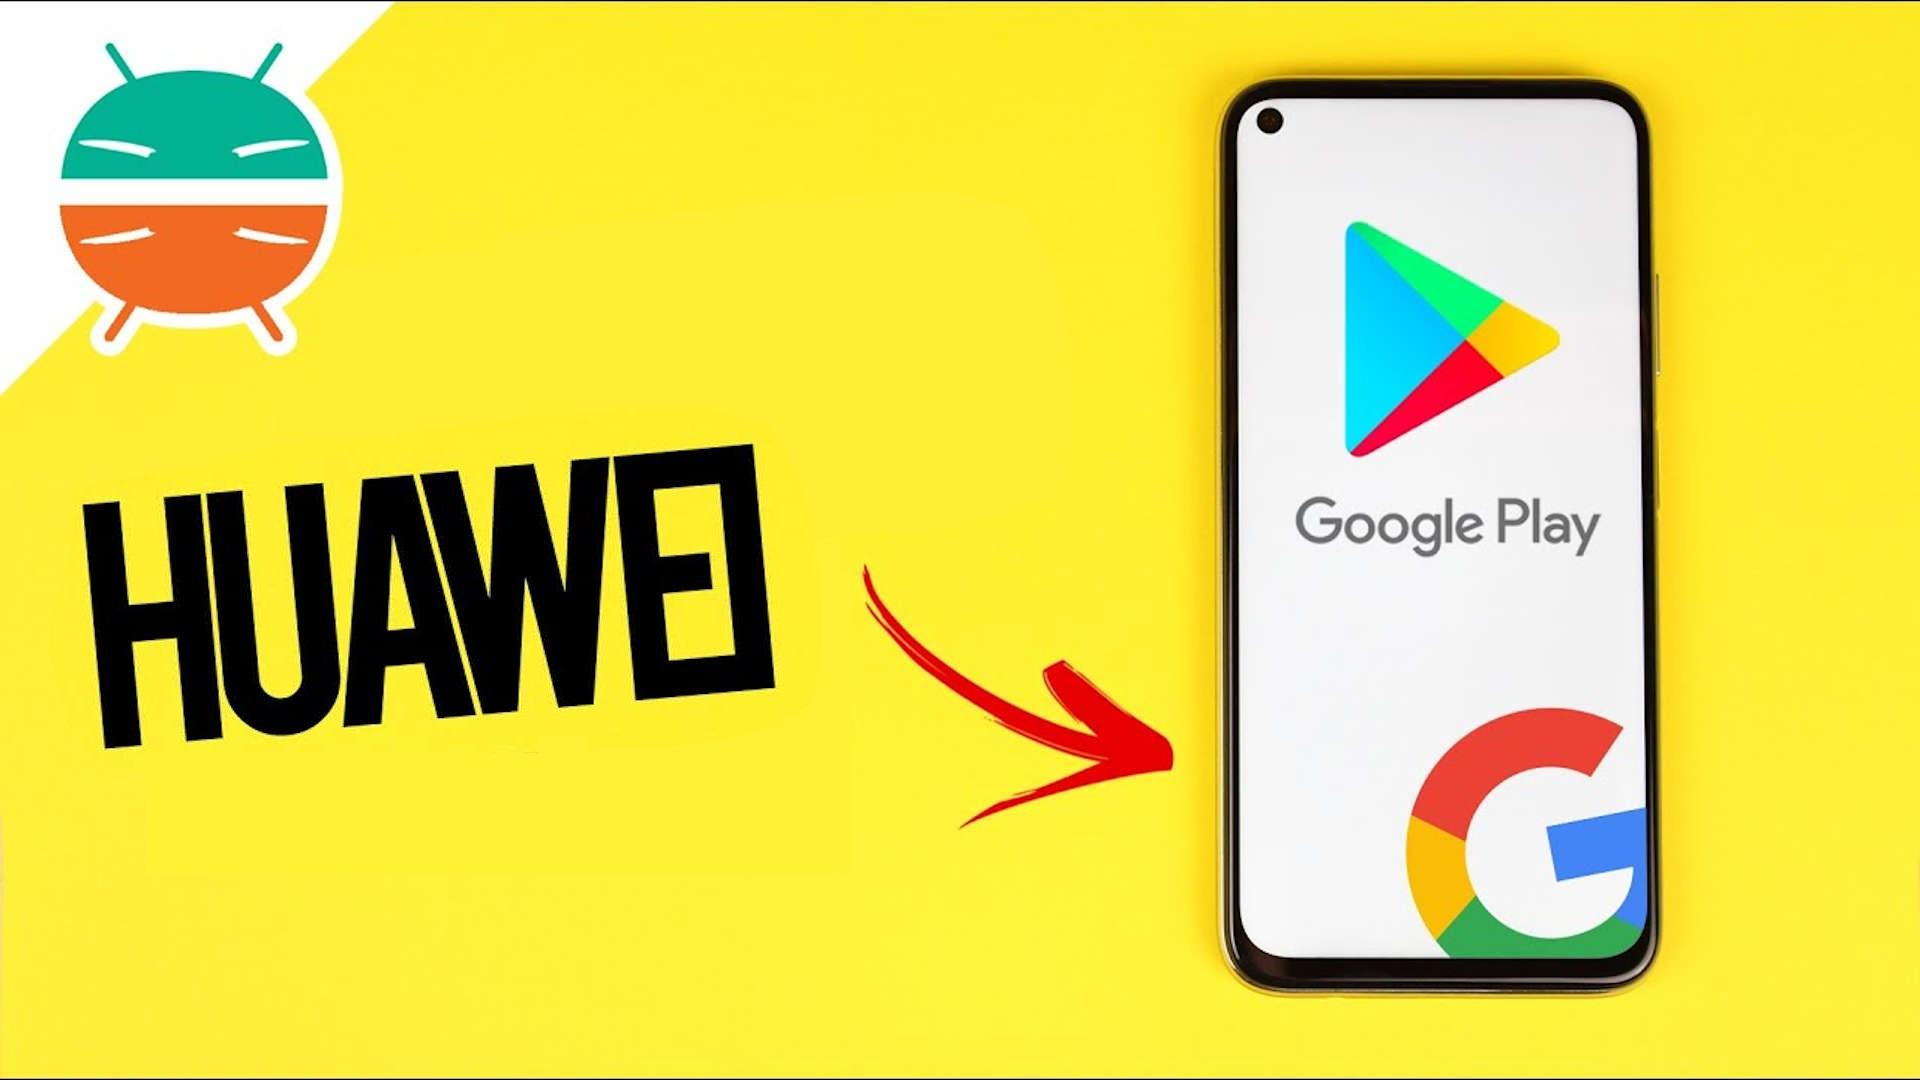 Google Huawei